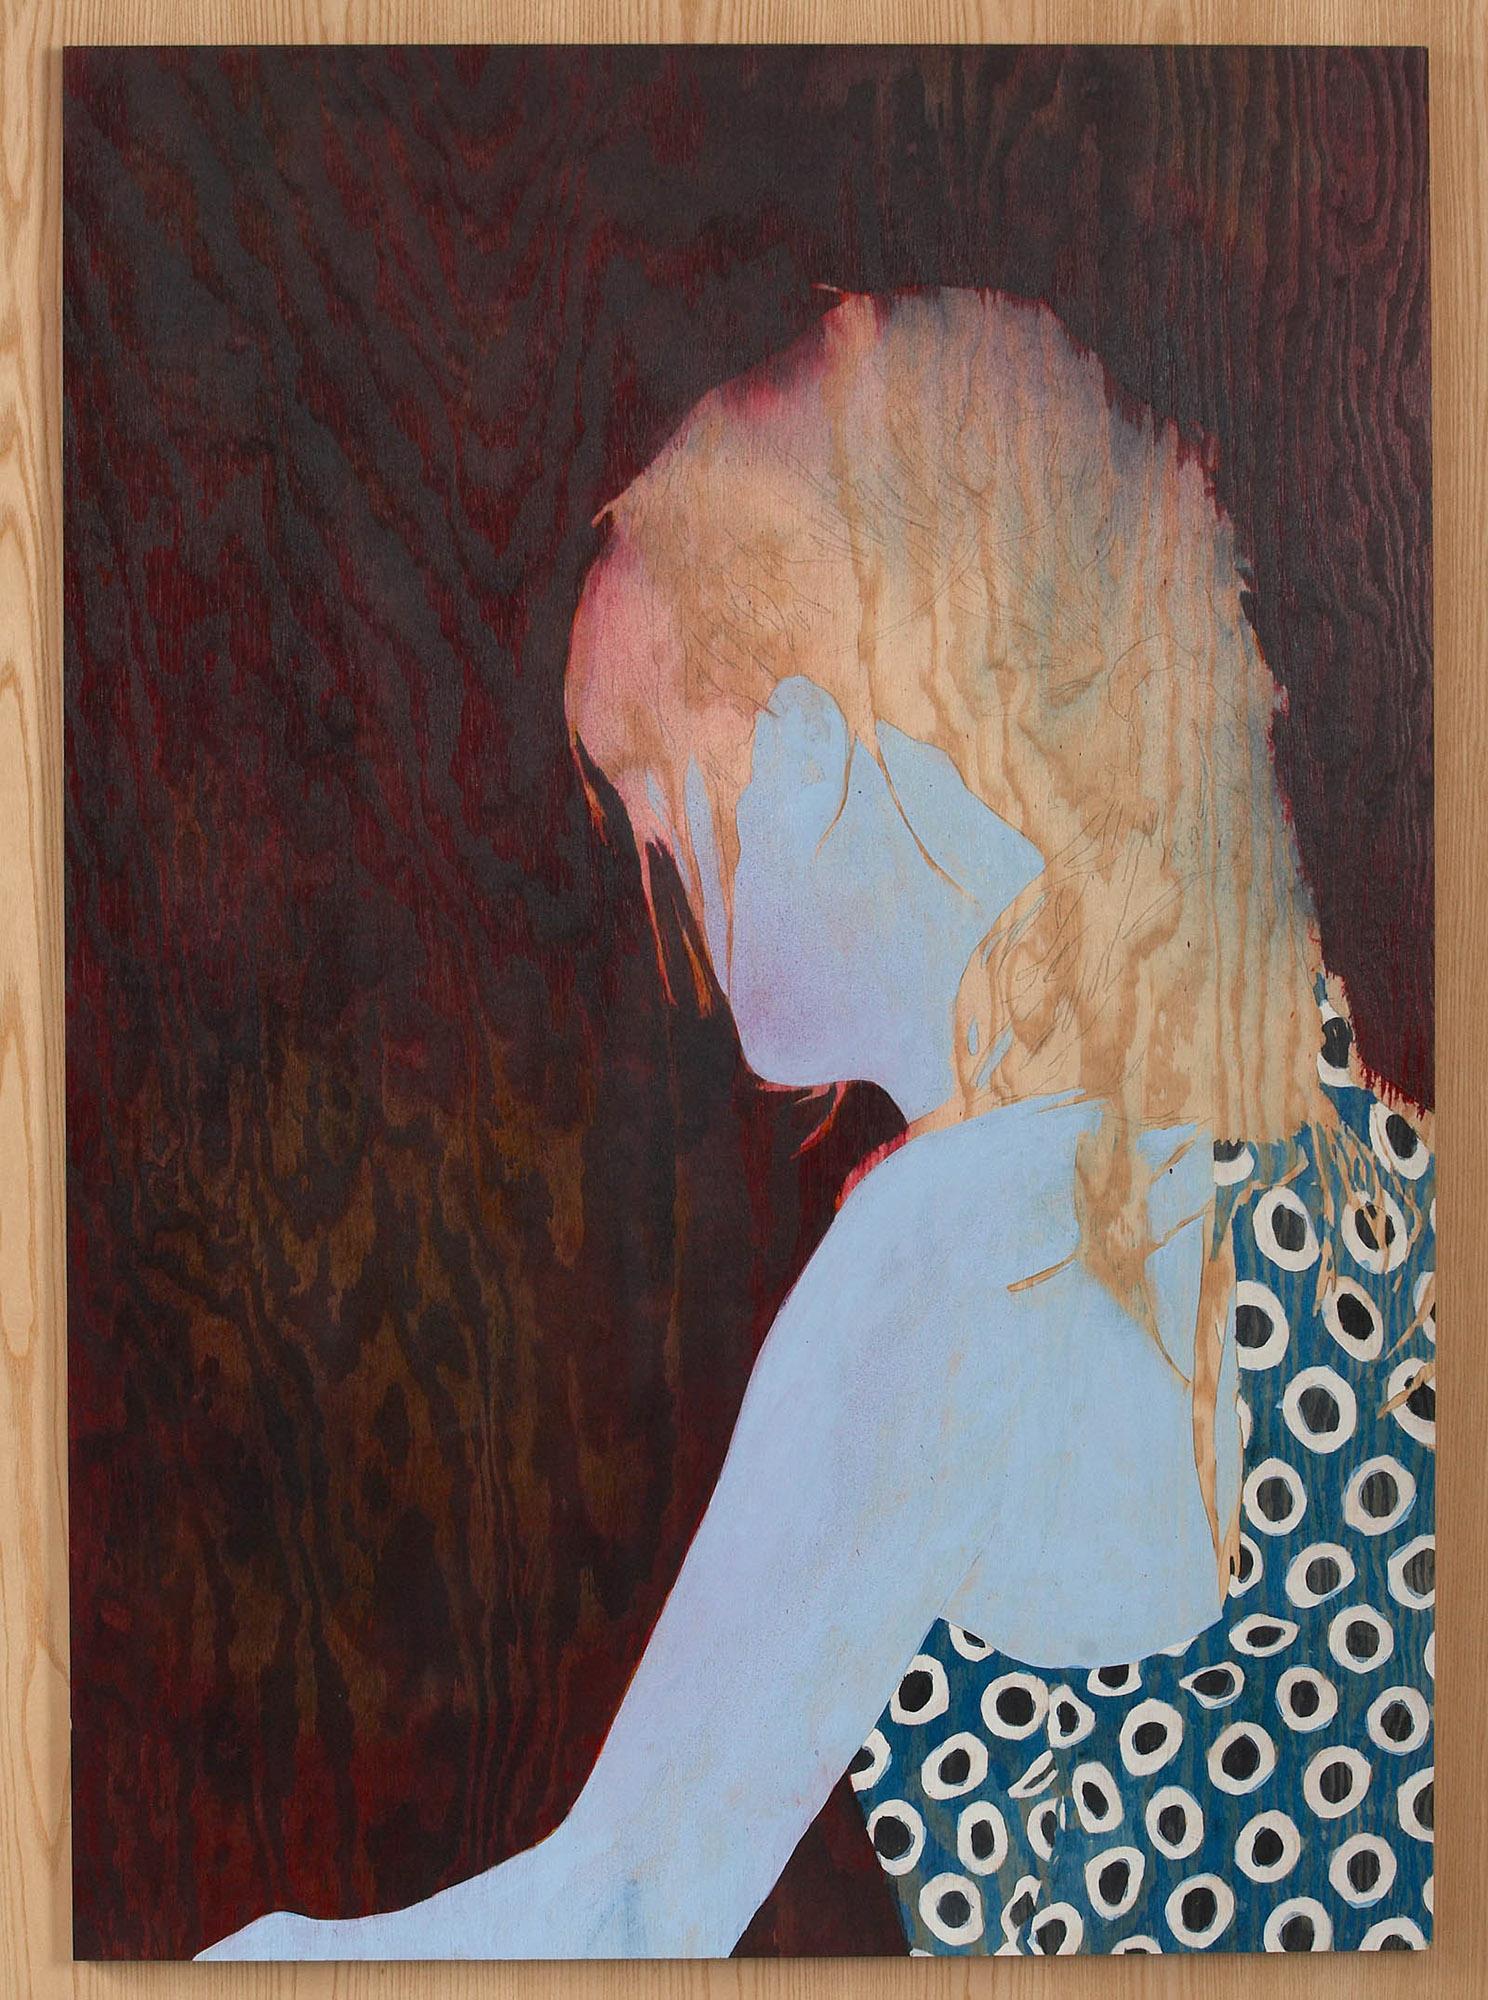 Målning av en bortvänd kvinna med ljust hår och prickig klänning. Robert Lucander, 13 målningar